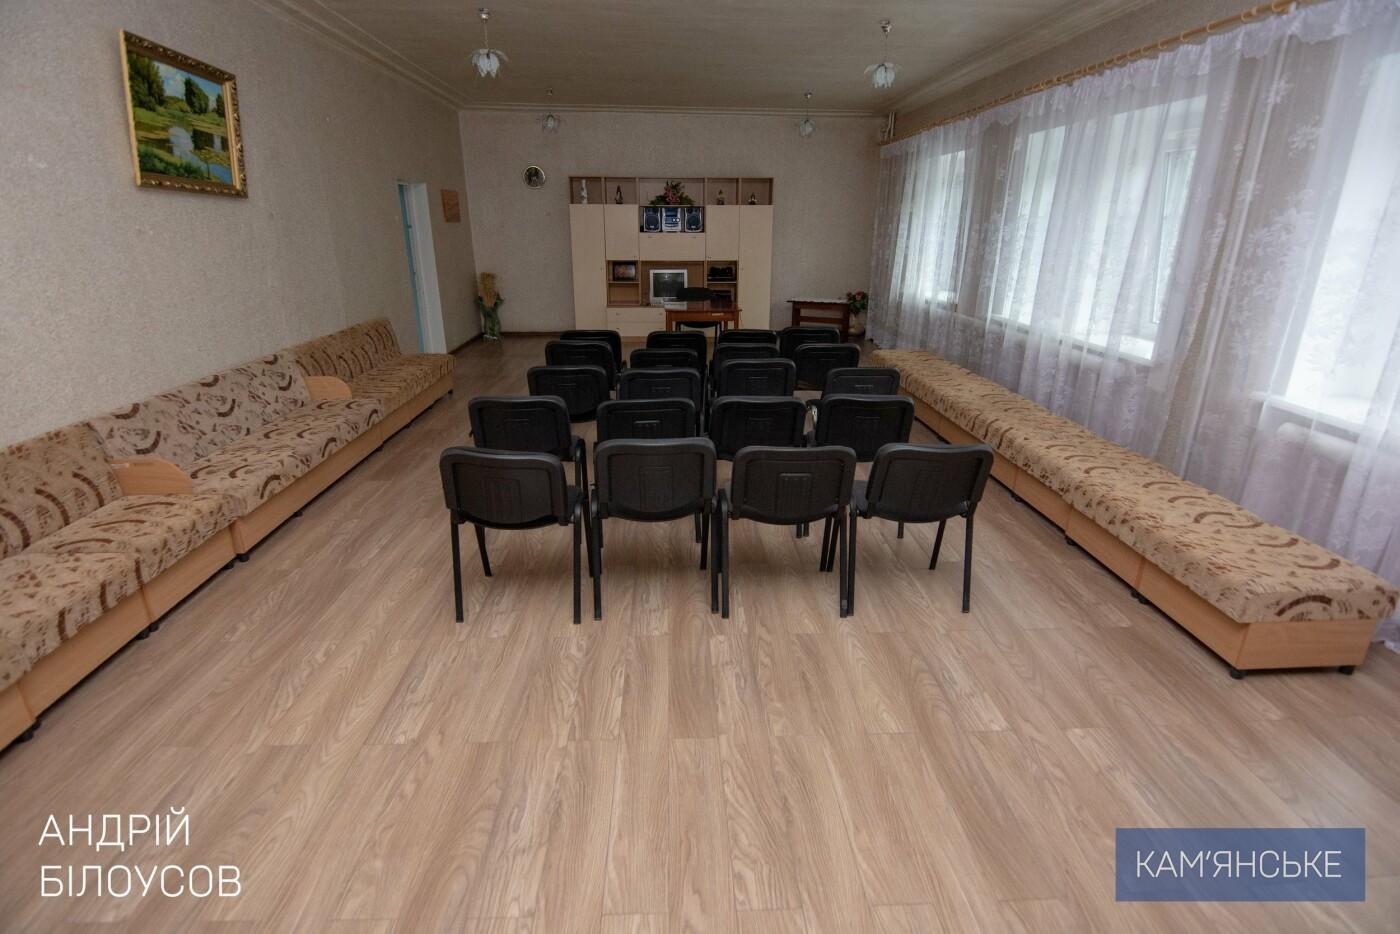 В Каменском отремонтировали Терцентр соцобслуживания Днепровского района, фото-2